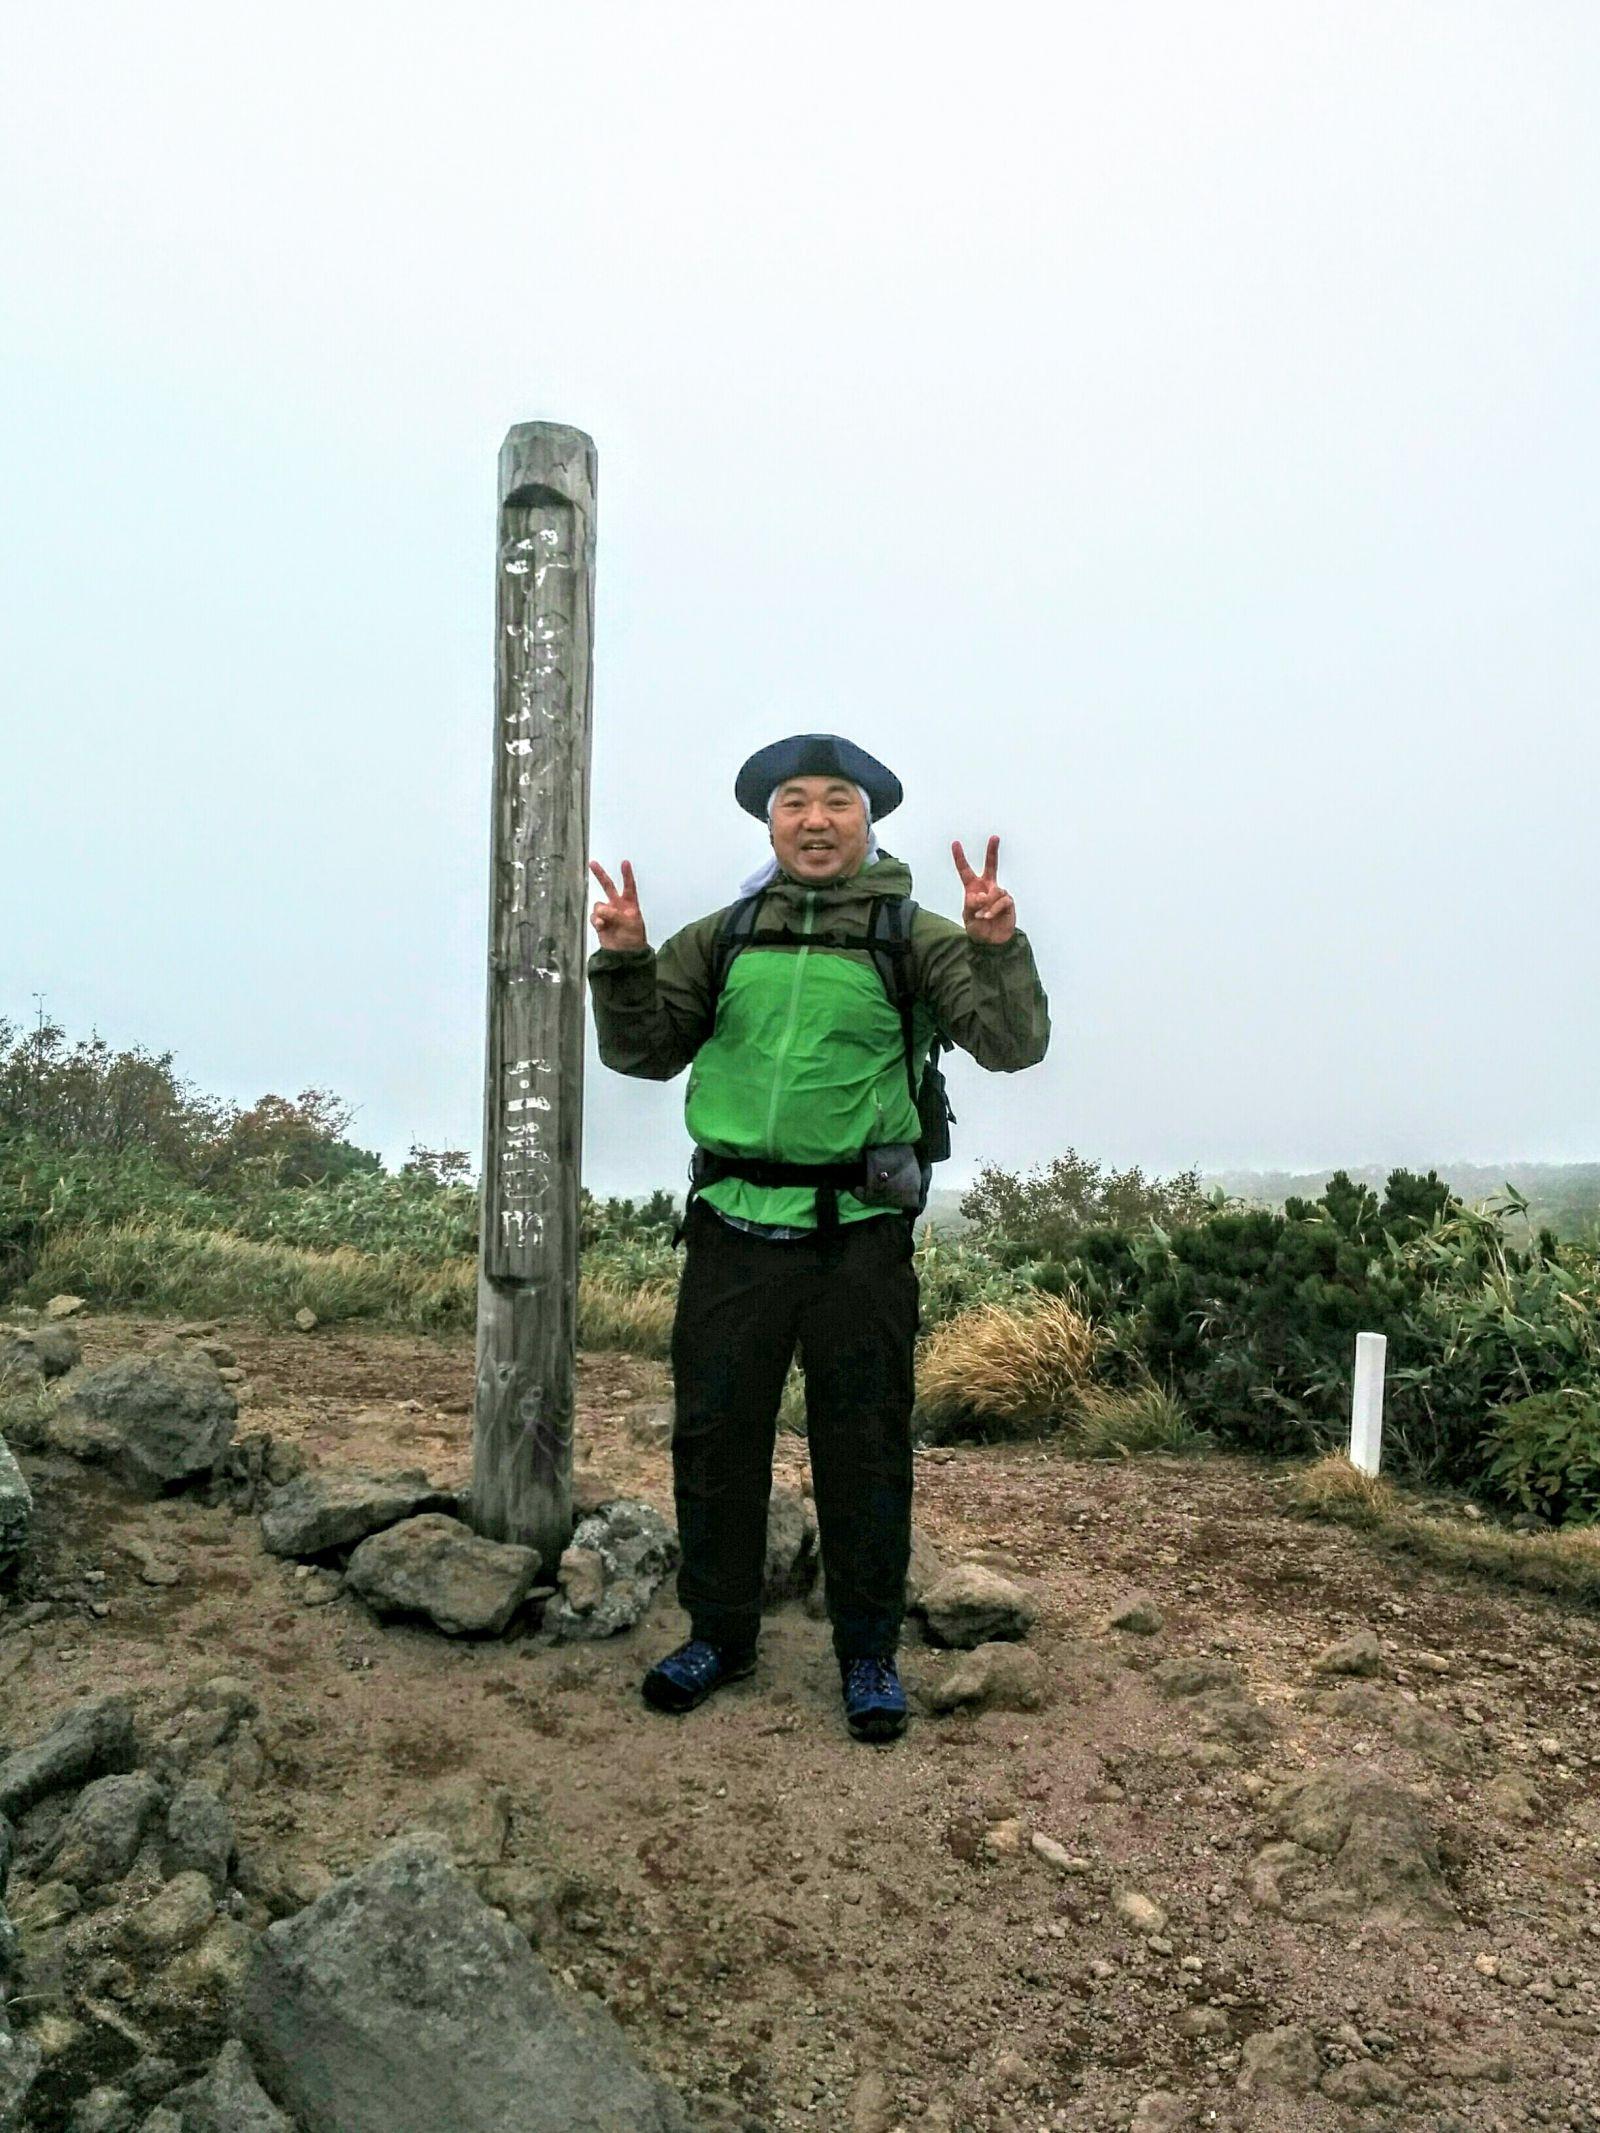 【ニセコ】ニセコチセヌプリ登山観光案内です。